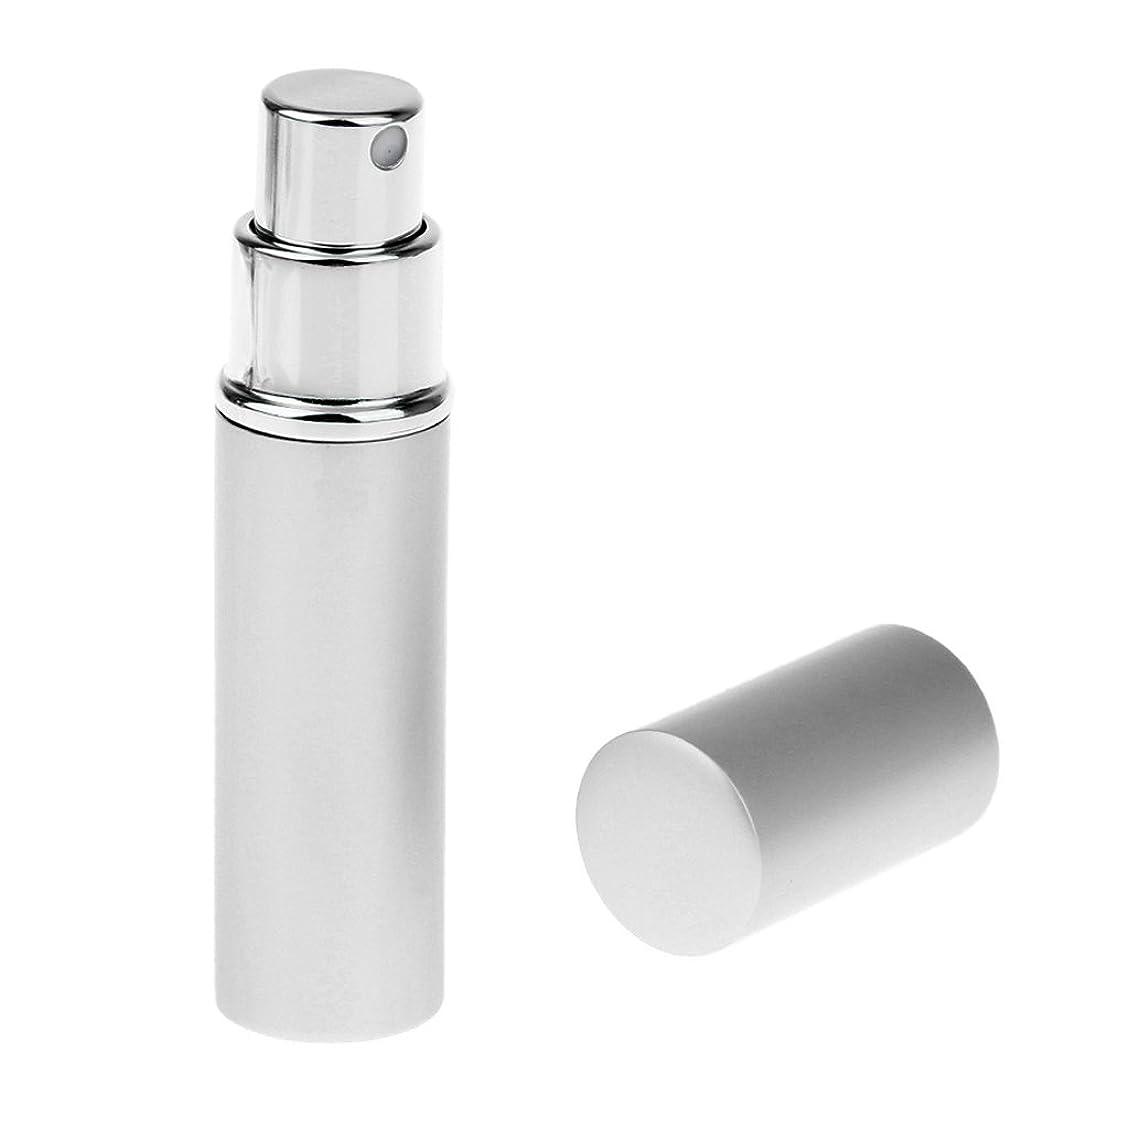 何か無駄に流行Kesoto 男女兼用 詰め替え可能 ポータブル アルミ ガラス製 香水アトマイザー 空ボトル ポンプ 全4色 - 銀色